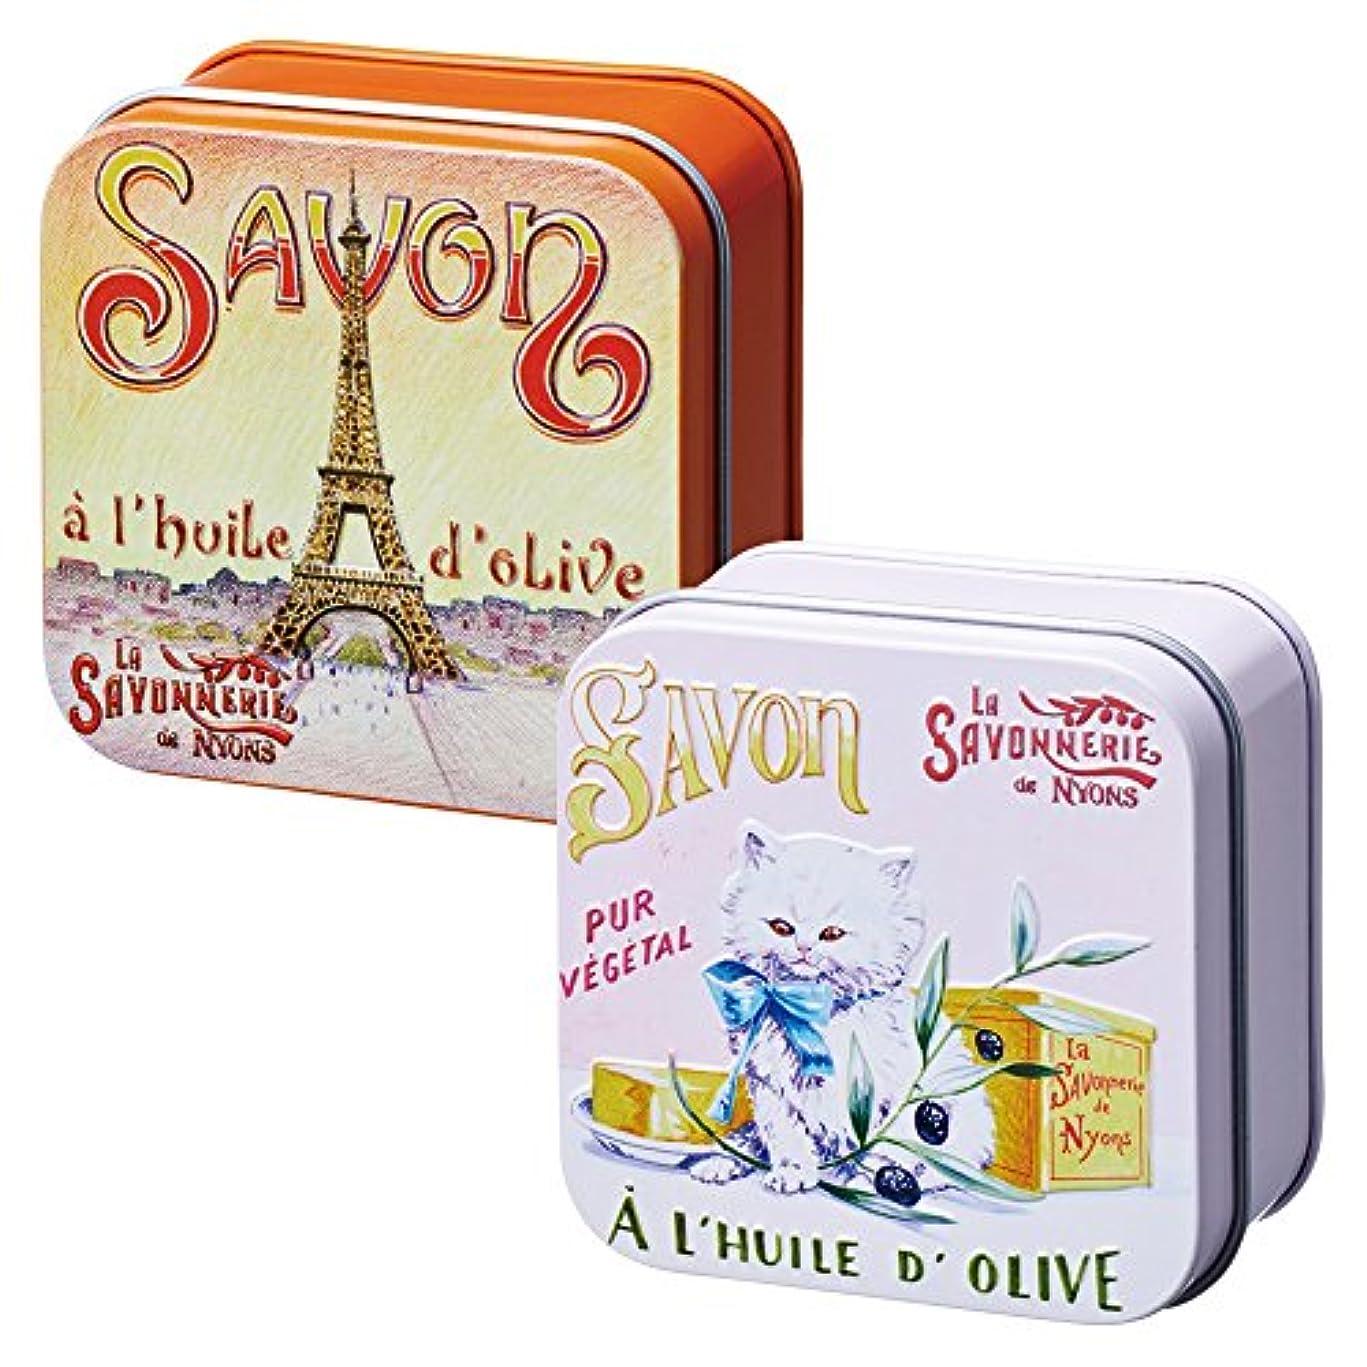 フランスお土産 ラ?サボネリー アンティーク缶入り石けん 2種セット(子猫&エッフェル塔)